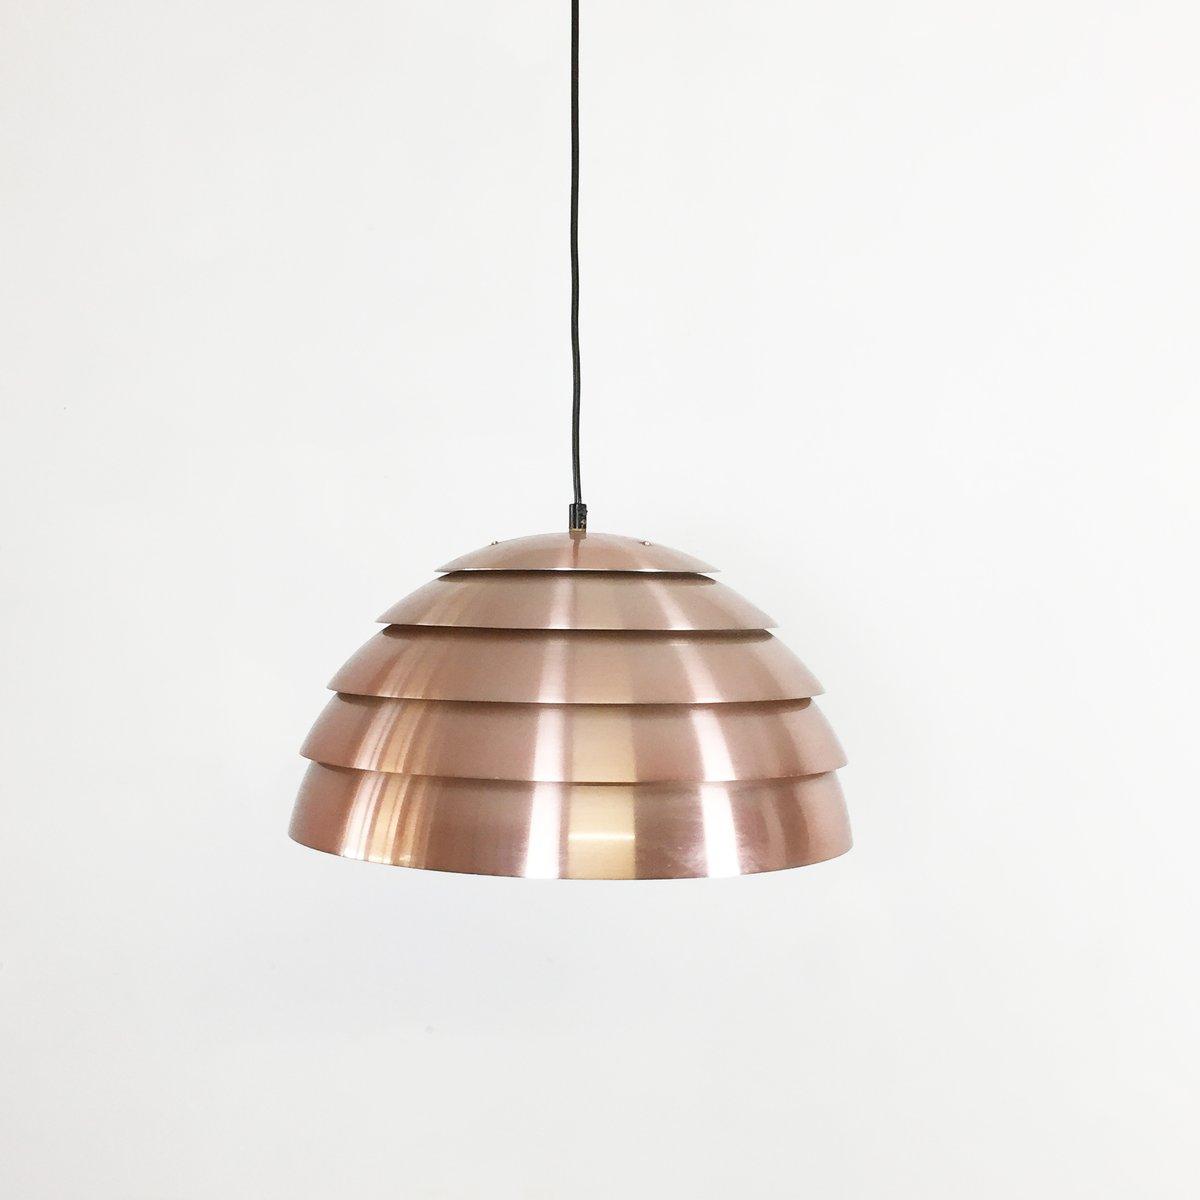 swedish copper pendant light by hans agne jakobsson for. Black Bedroom Furniture Sets. Home Design Ideas